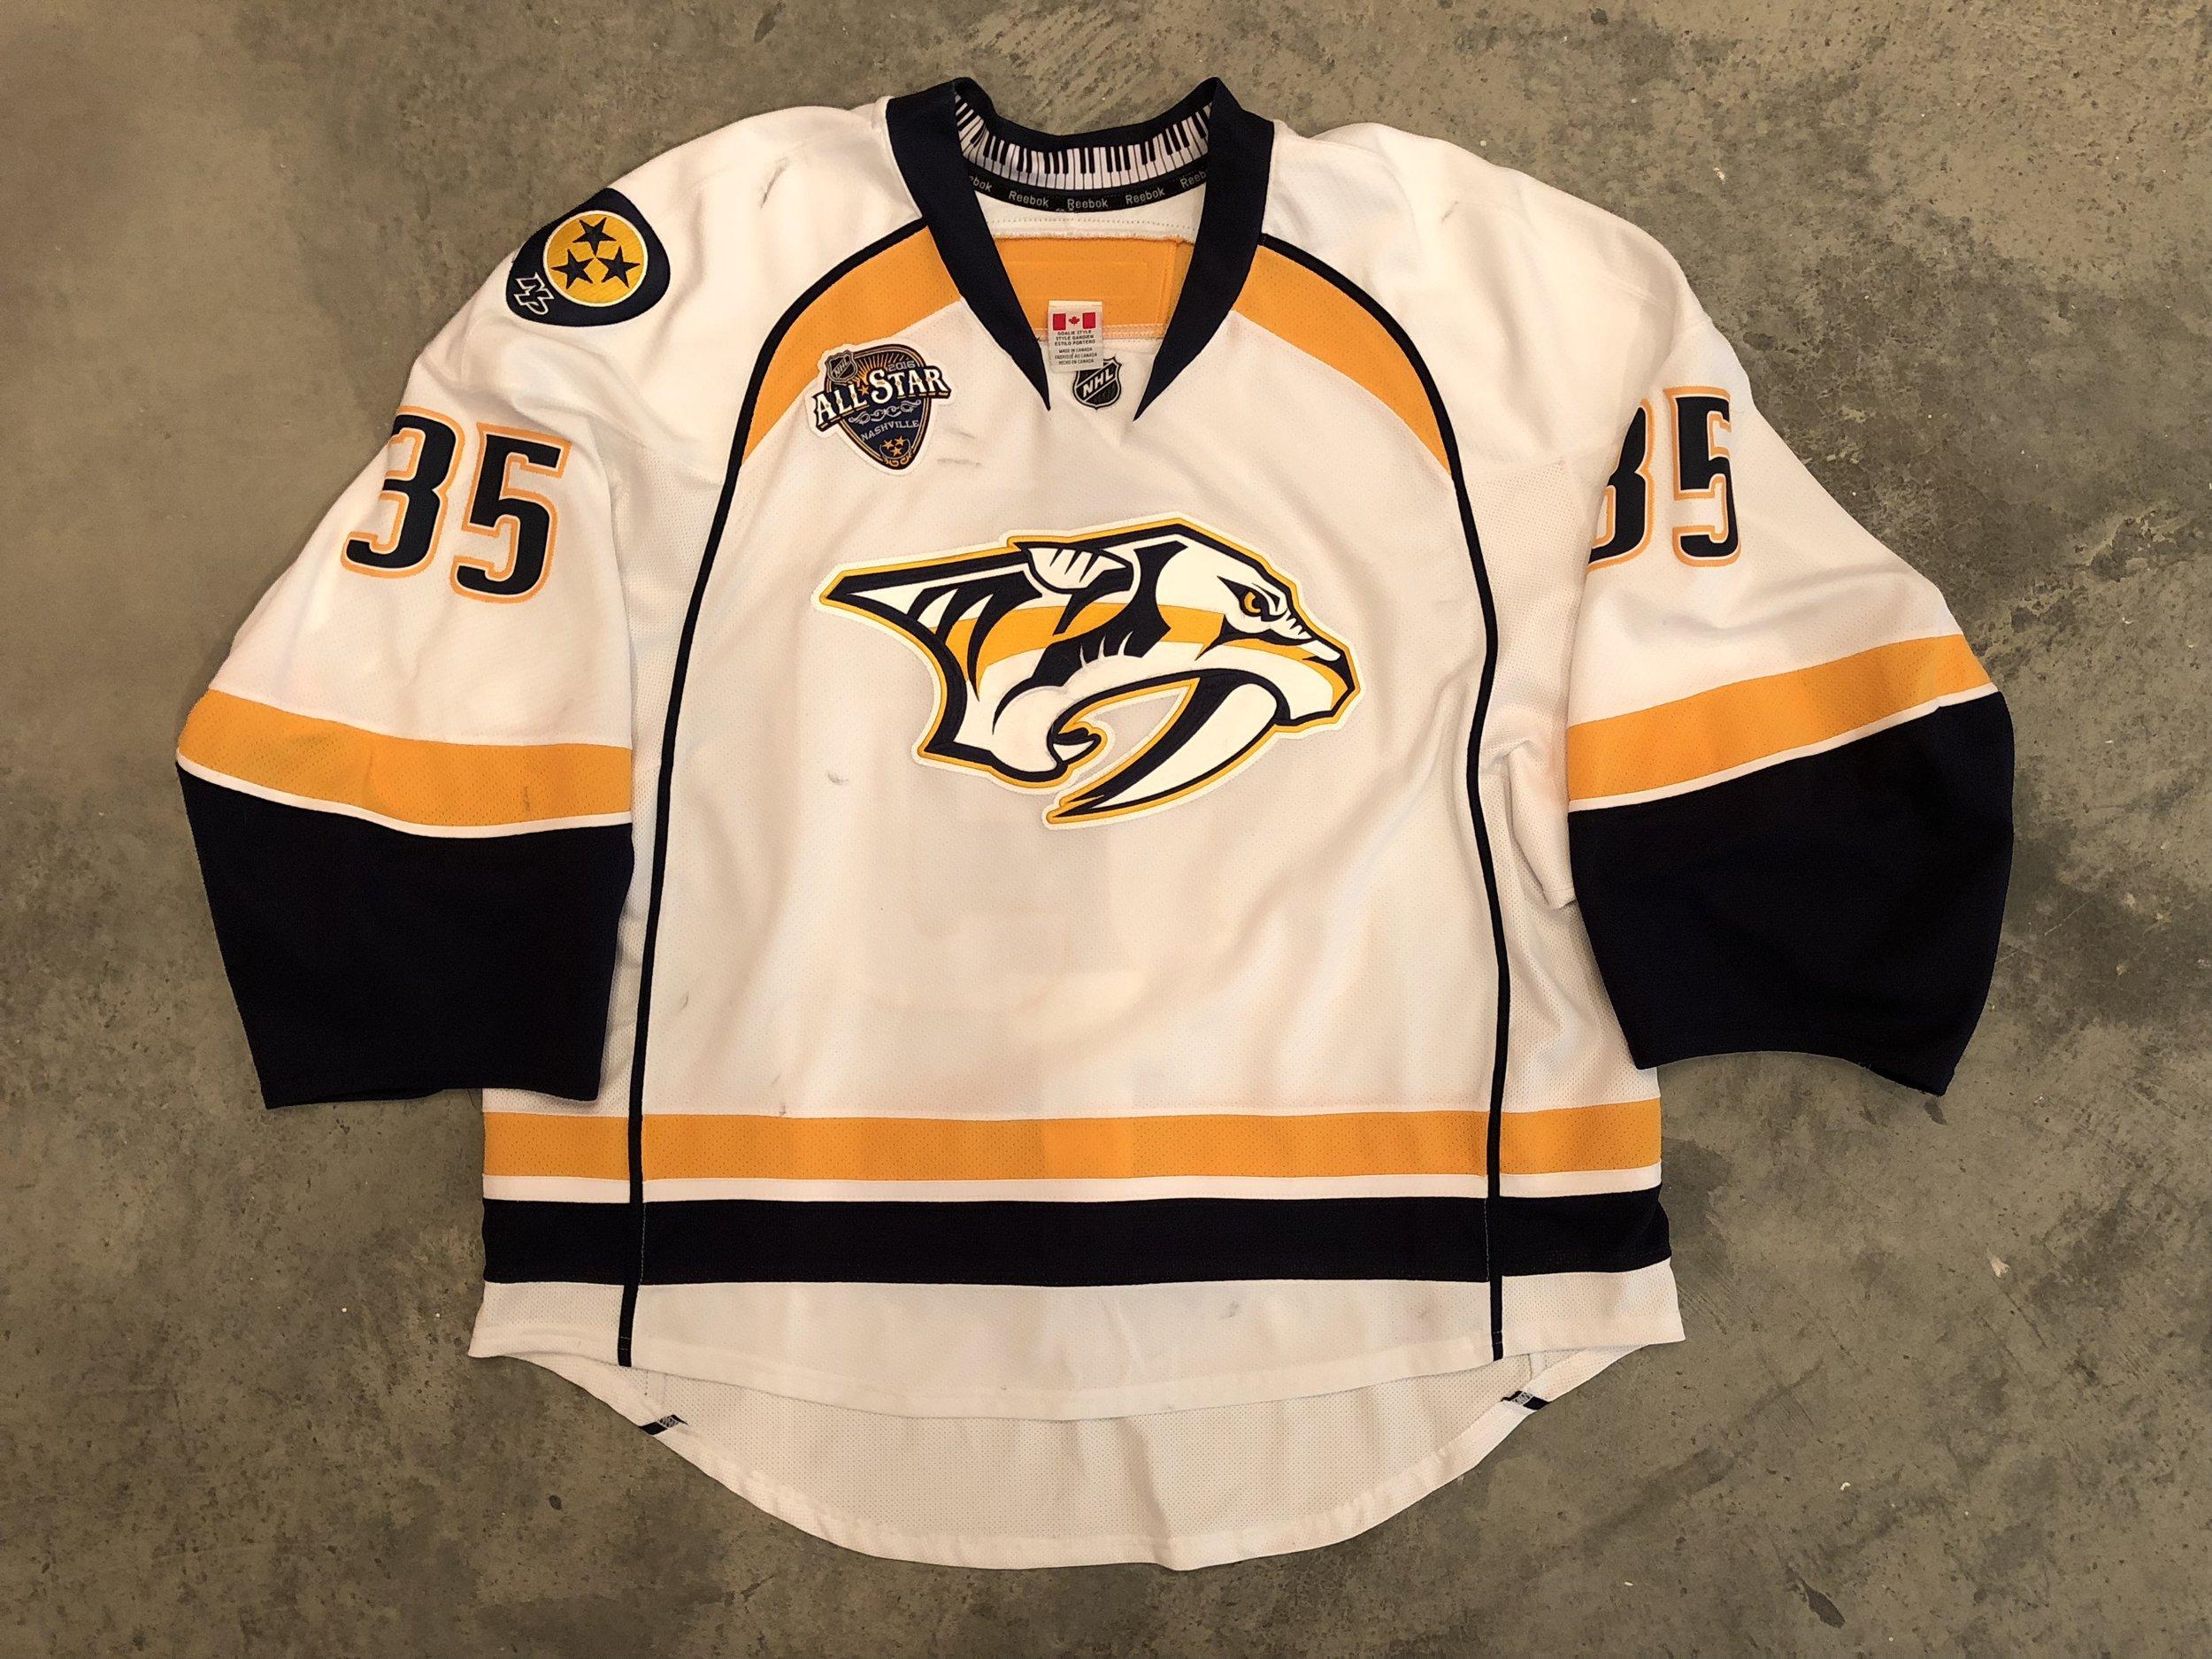 Pekka Rinne Nashville Predators Game Worn Jersey - 2018 Vezina Winner